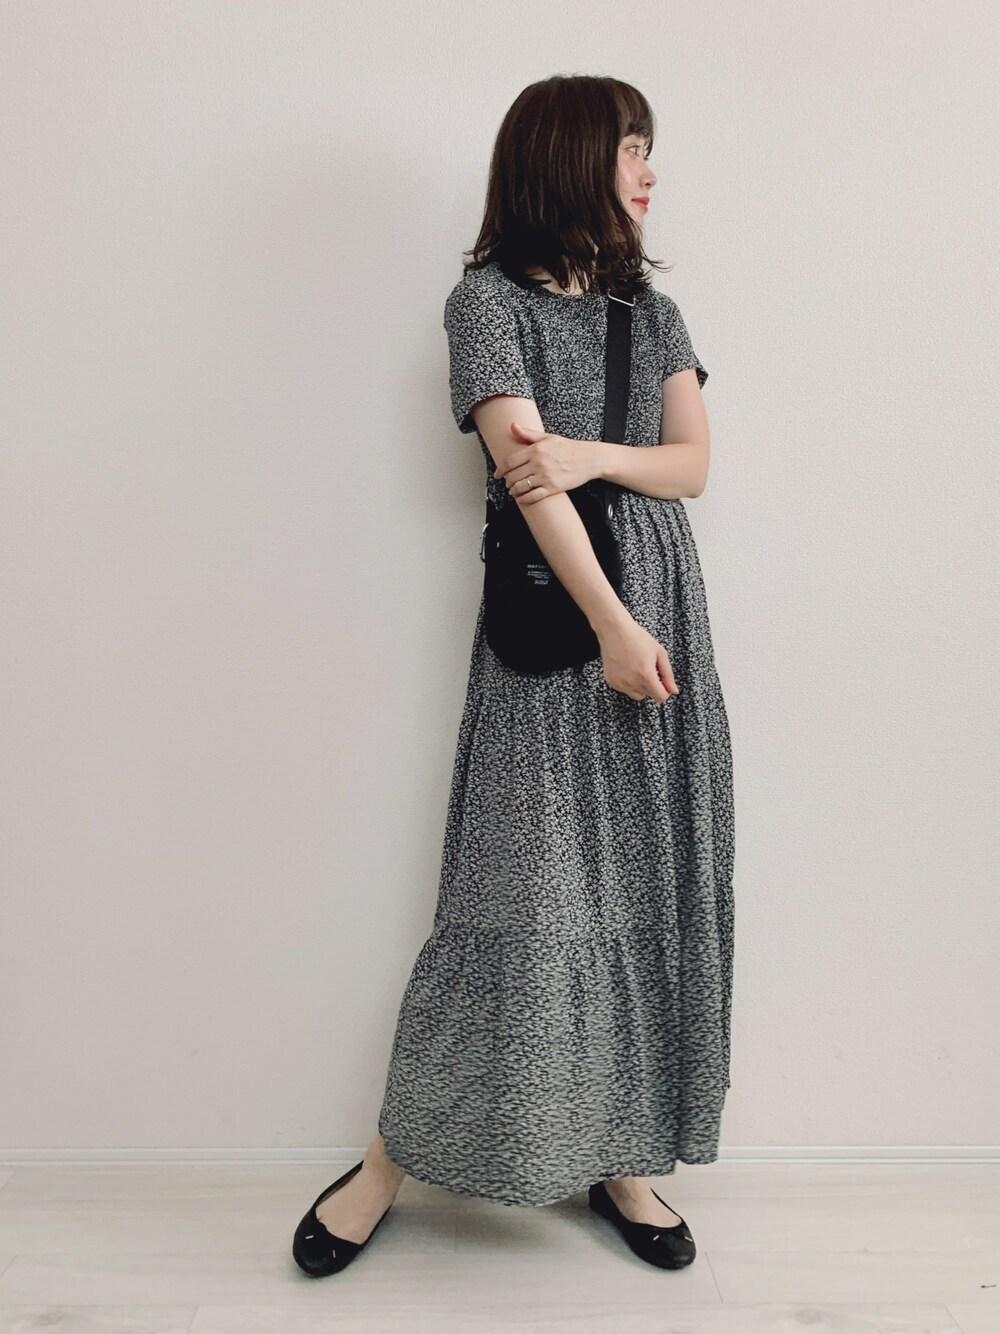 大人可愛い ワンピース 30代 ママ きれいめ カジュアル 夏 コーデ Xライン coca